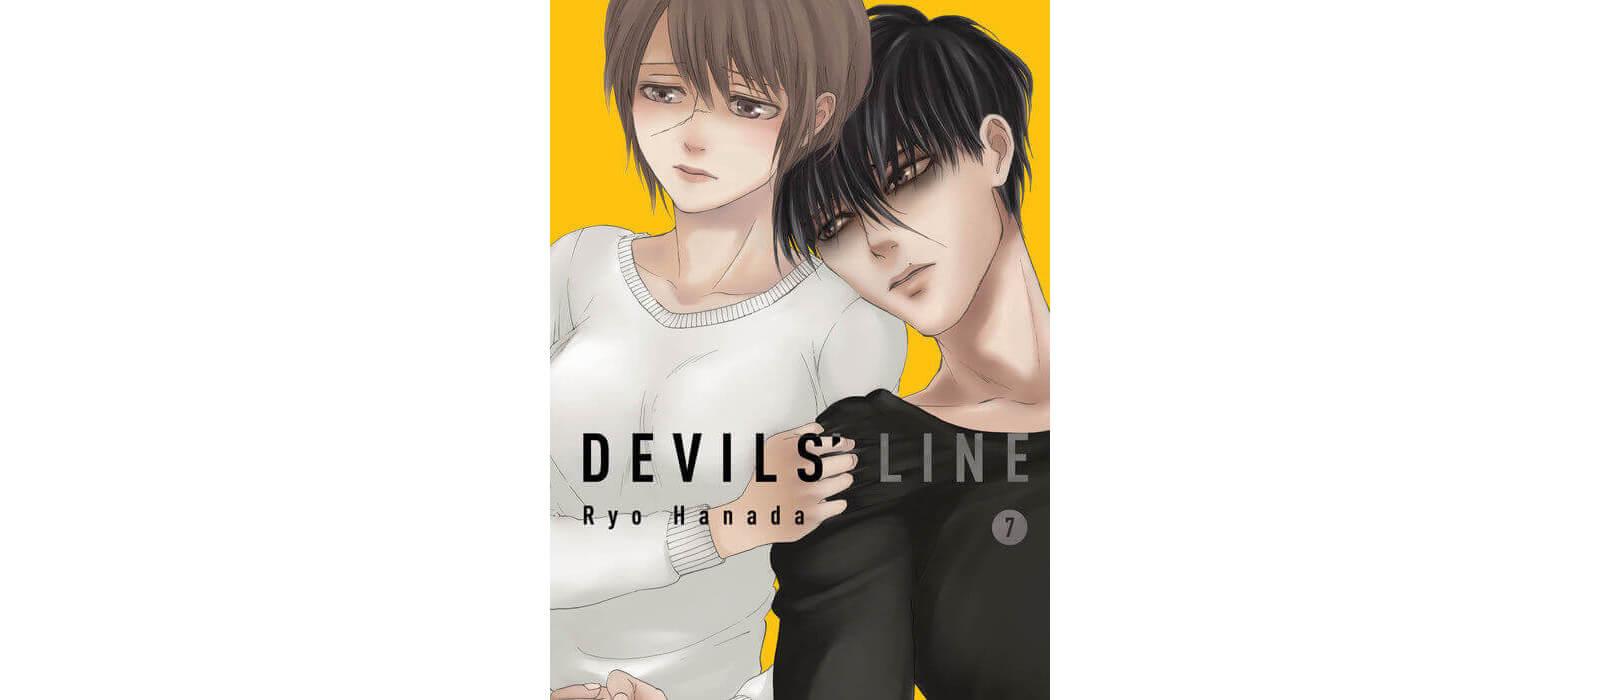 June 2017 Manga Releases - Devils Line 7 volume 1